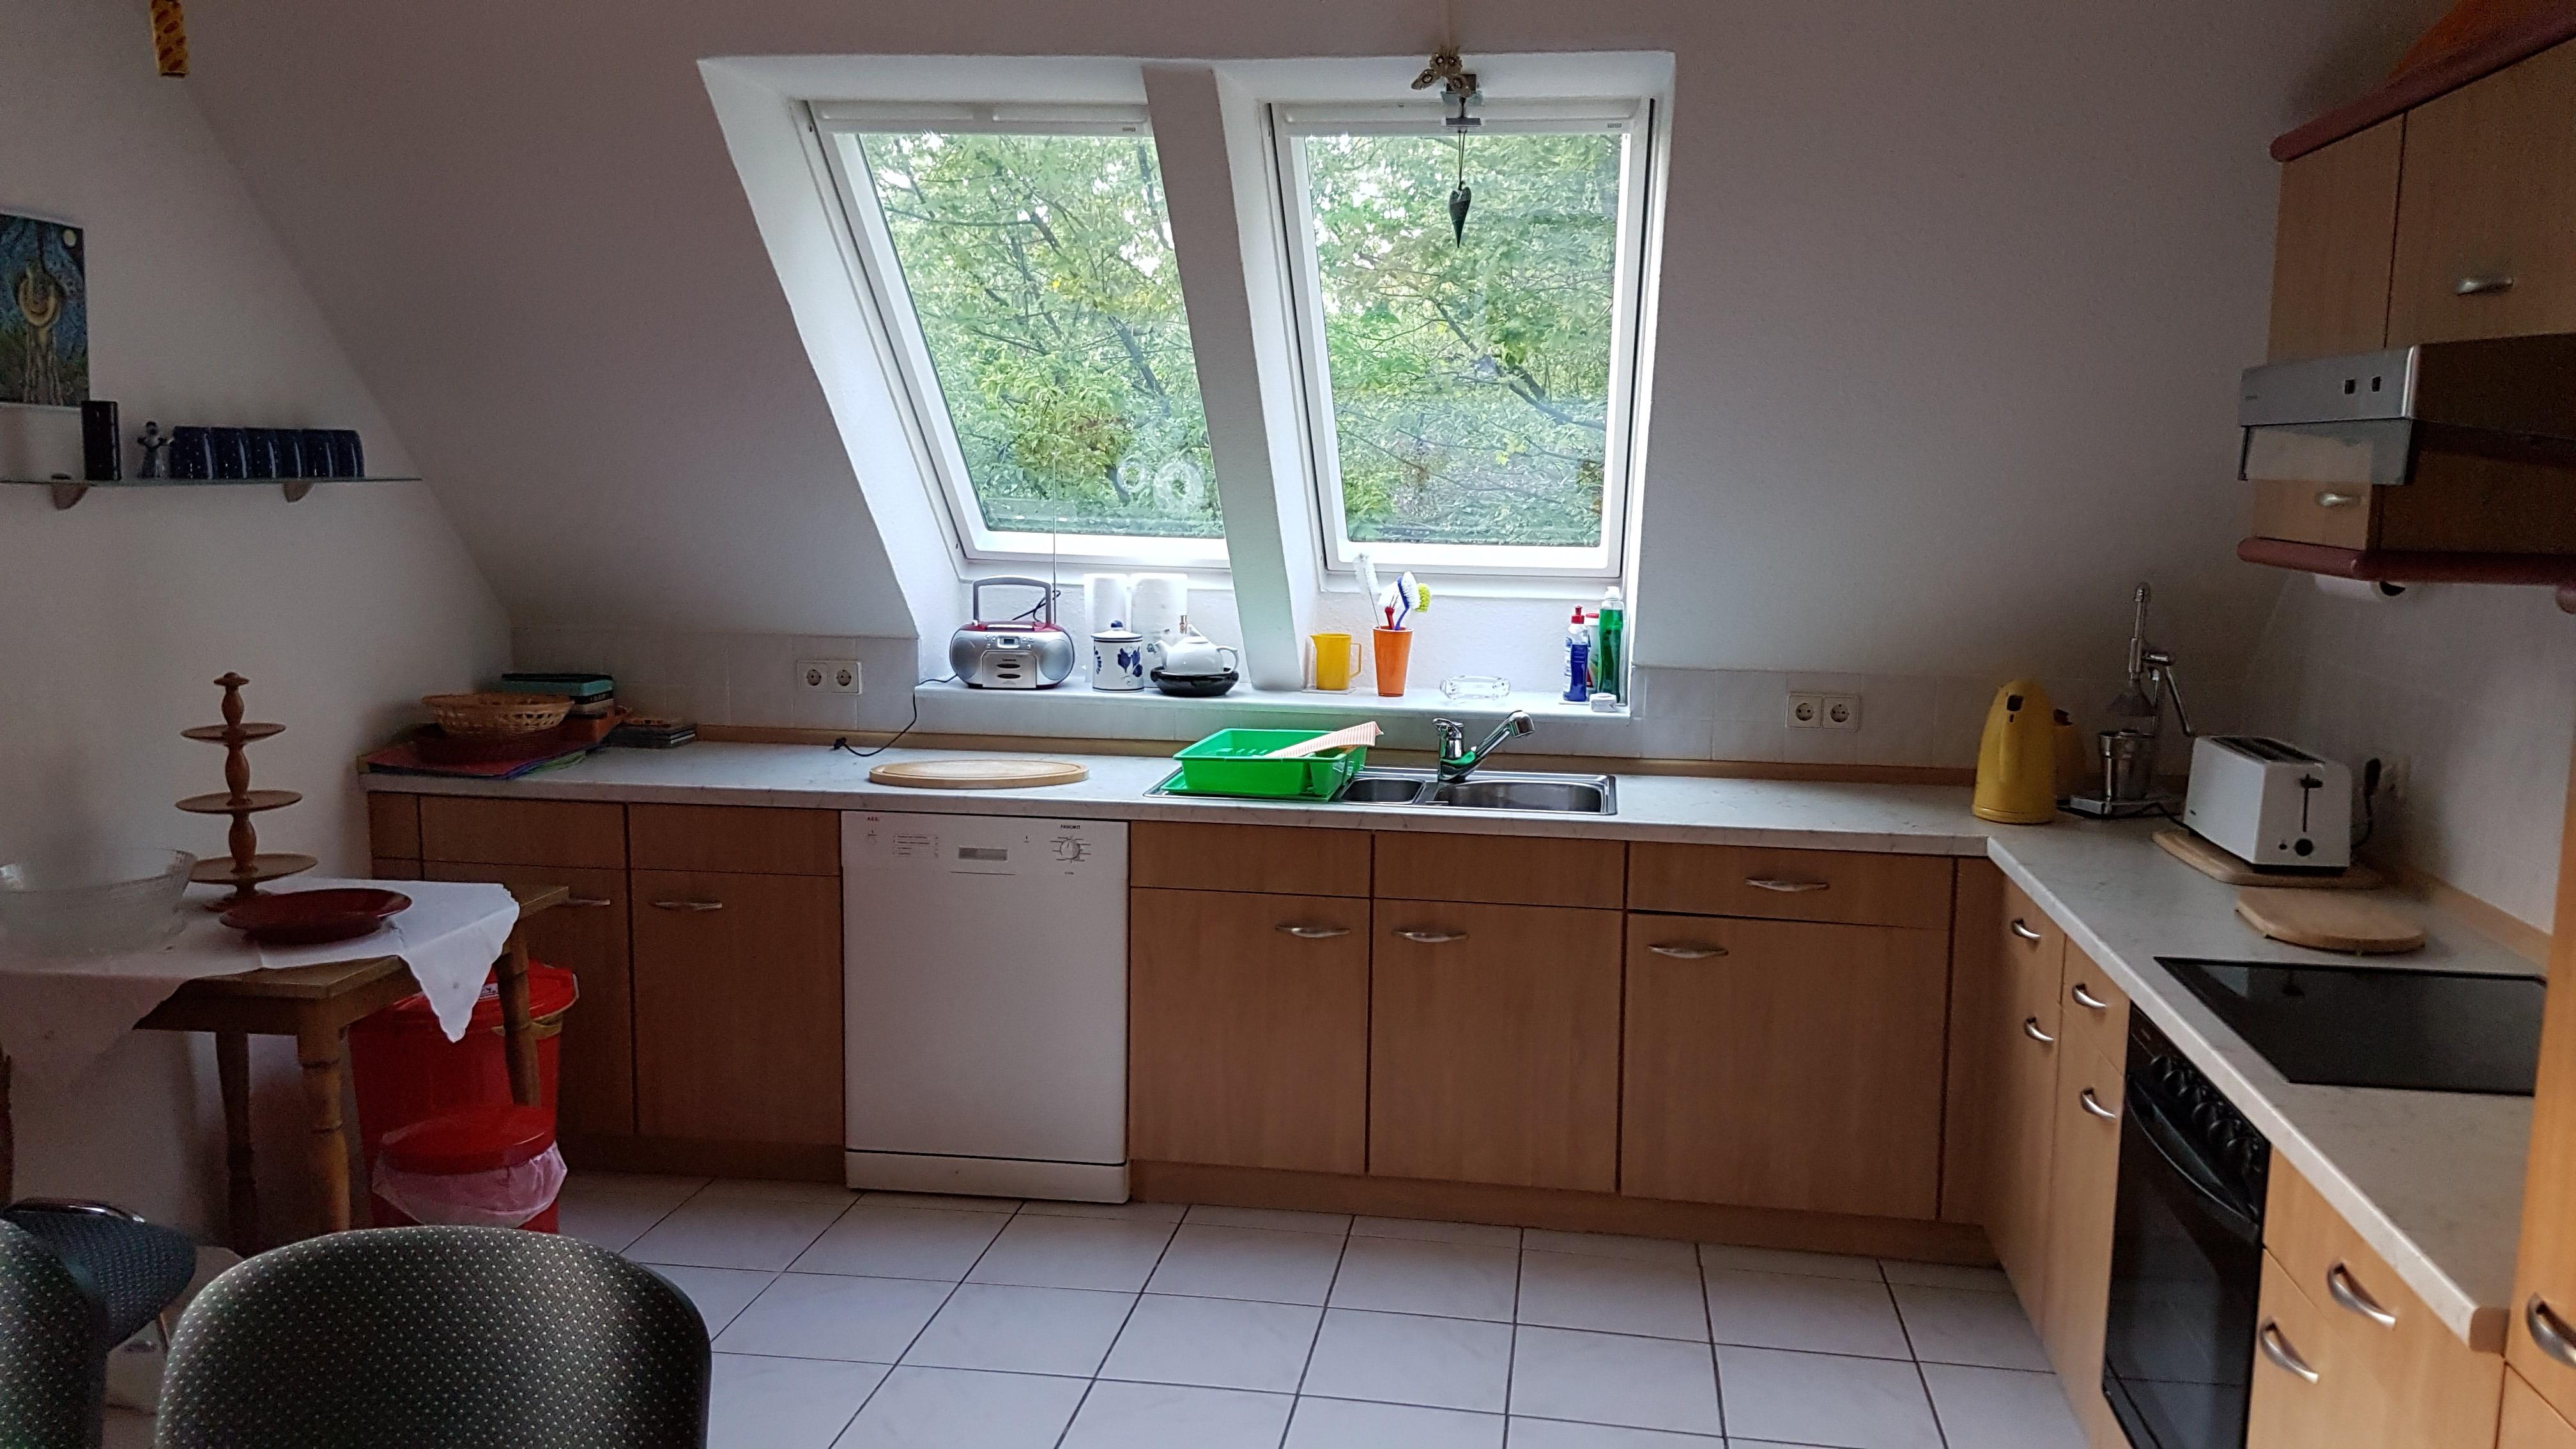 Küche Wohnung oben